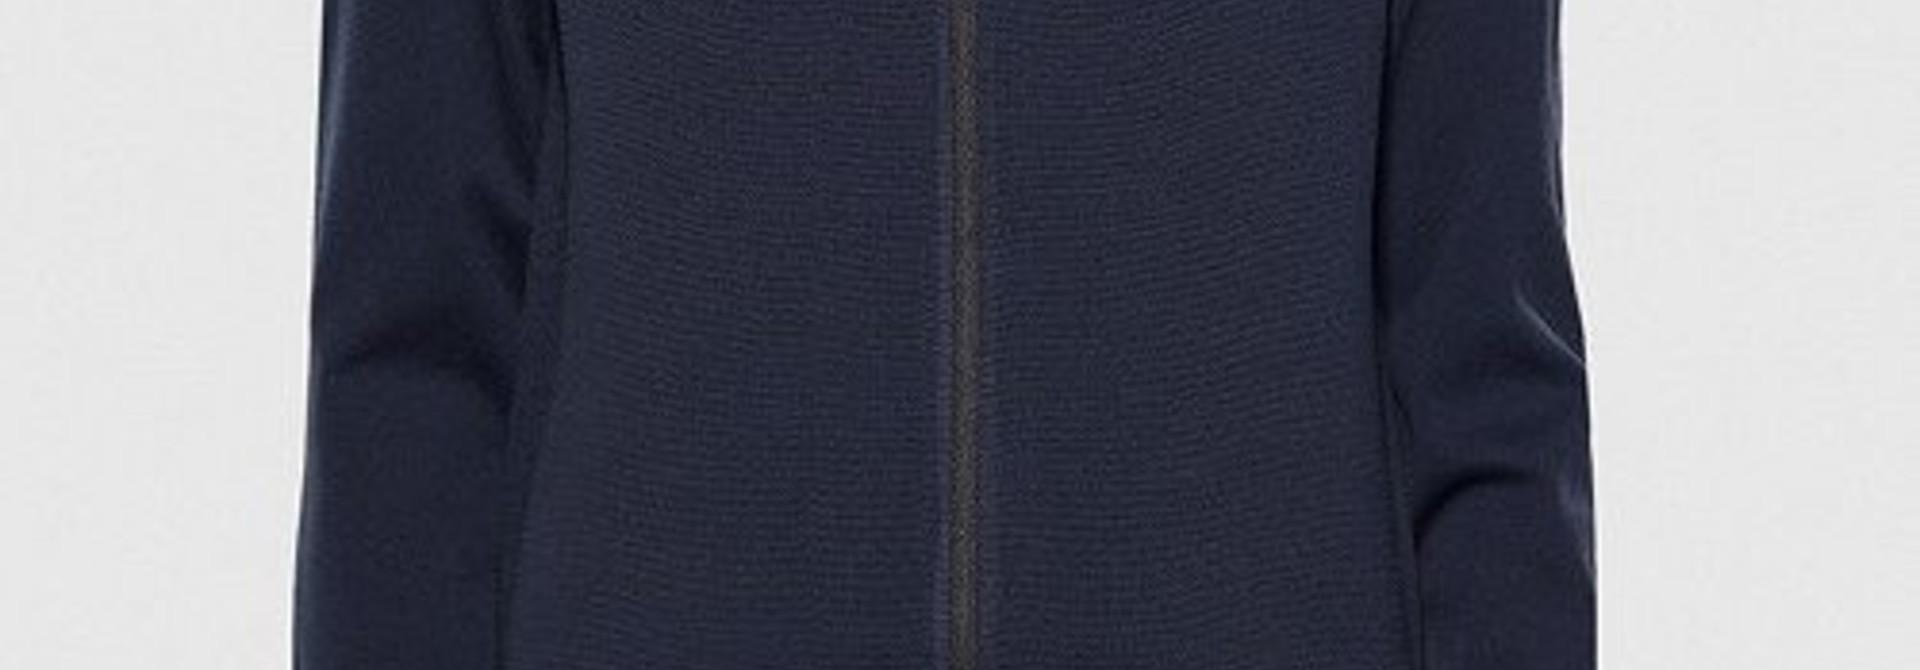 Isaak 3100 navy